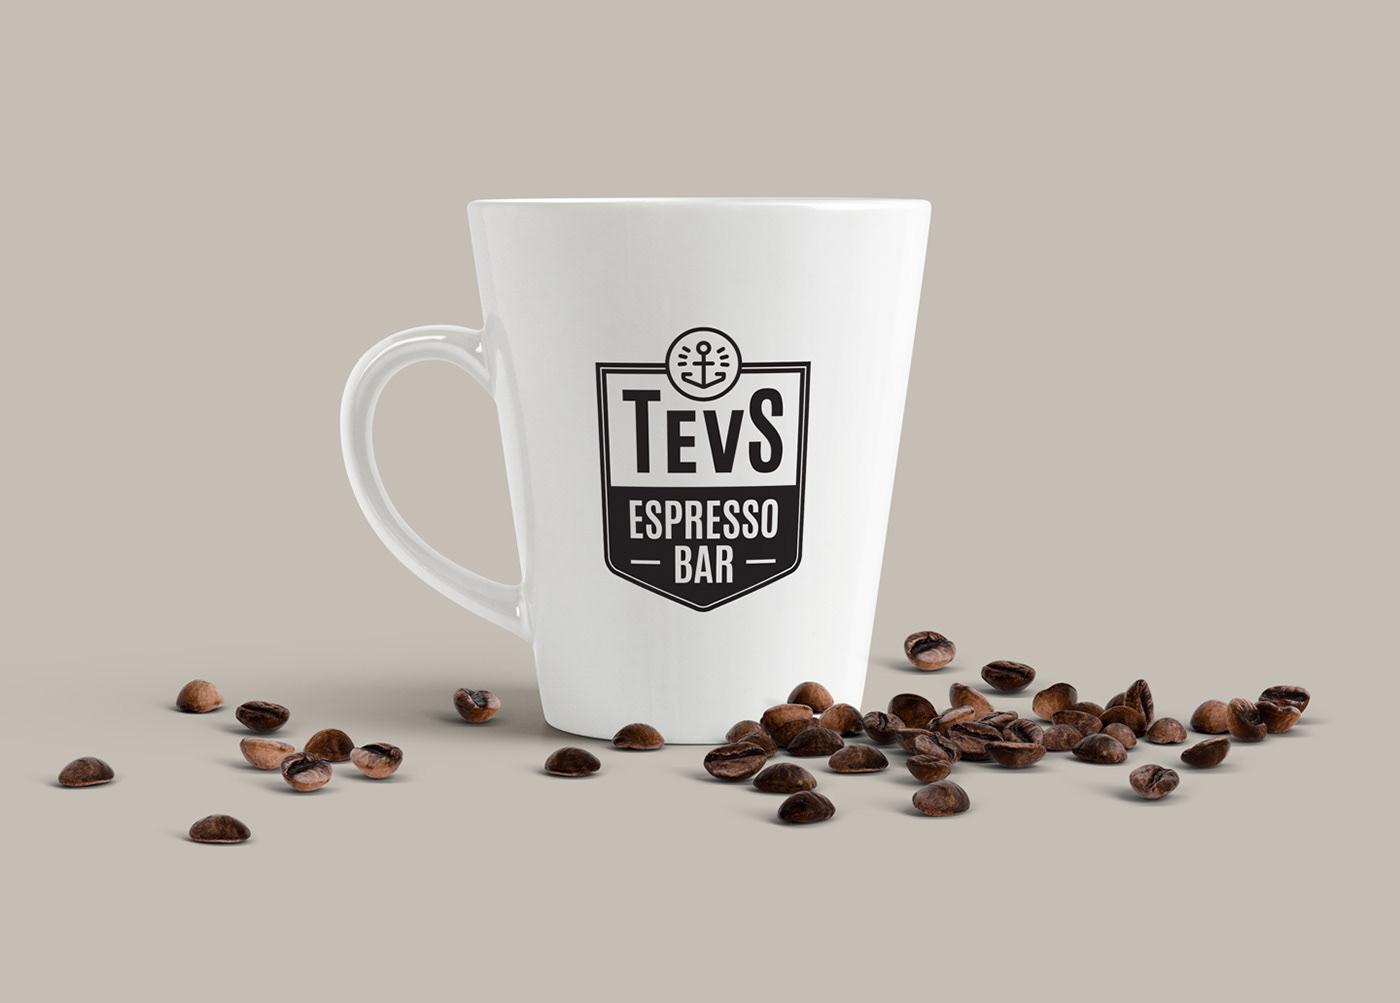 Image may contain: cup, mug and vase